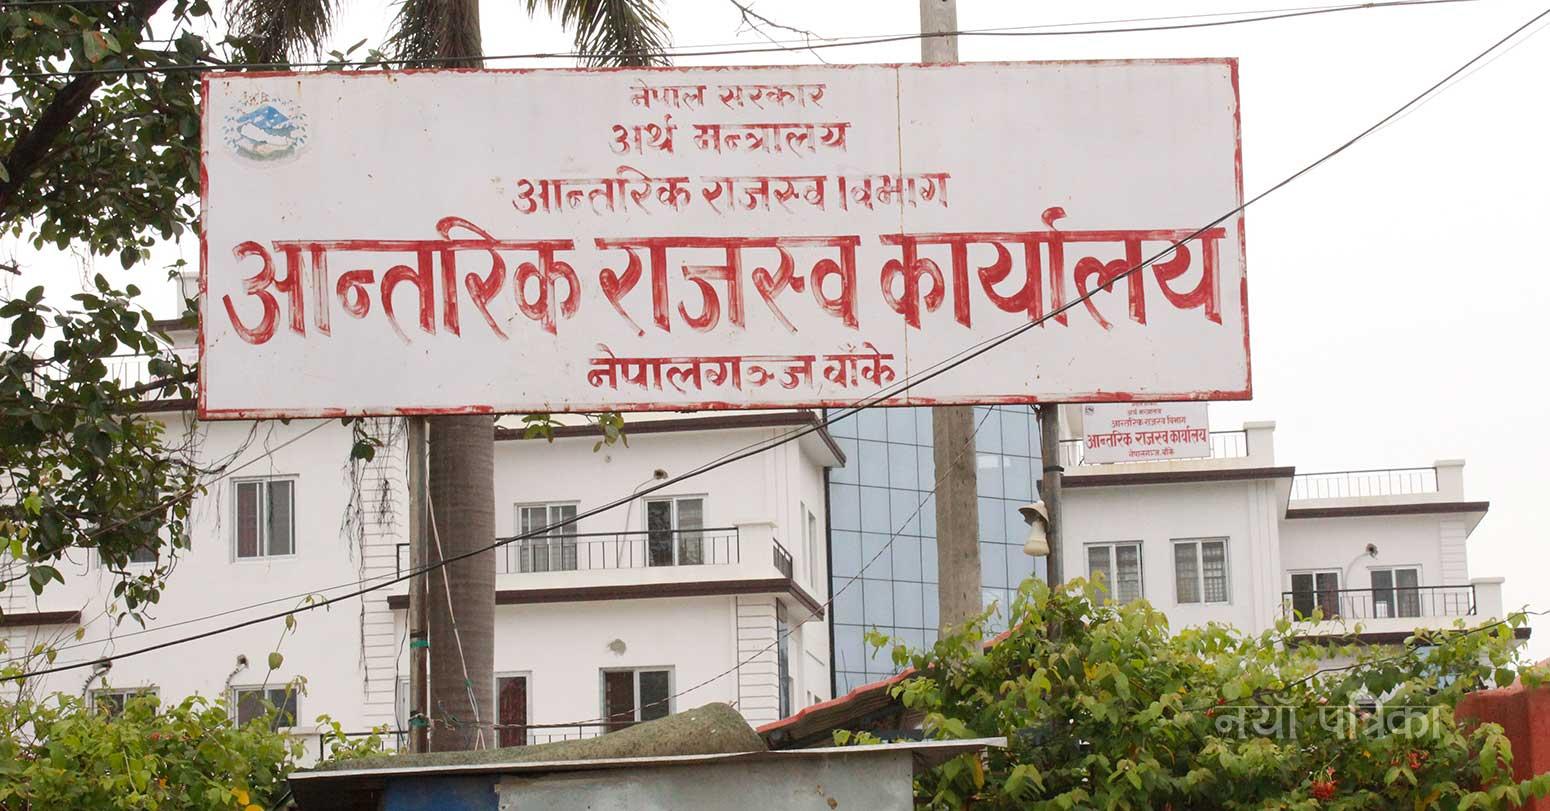 आन्तरिक राजस्व कार्यालय, नेपालगन्जमा कार्यरत ११ जना कर्मचारीमा कोरोना संक्रमण पुष्टि